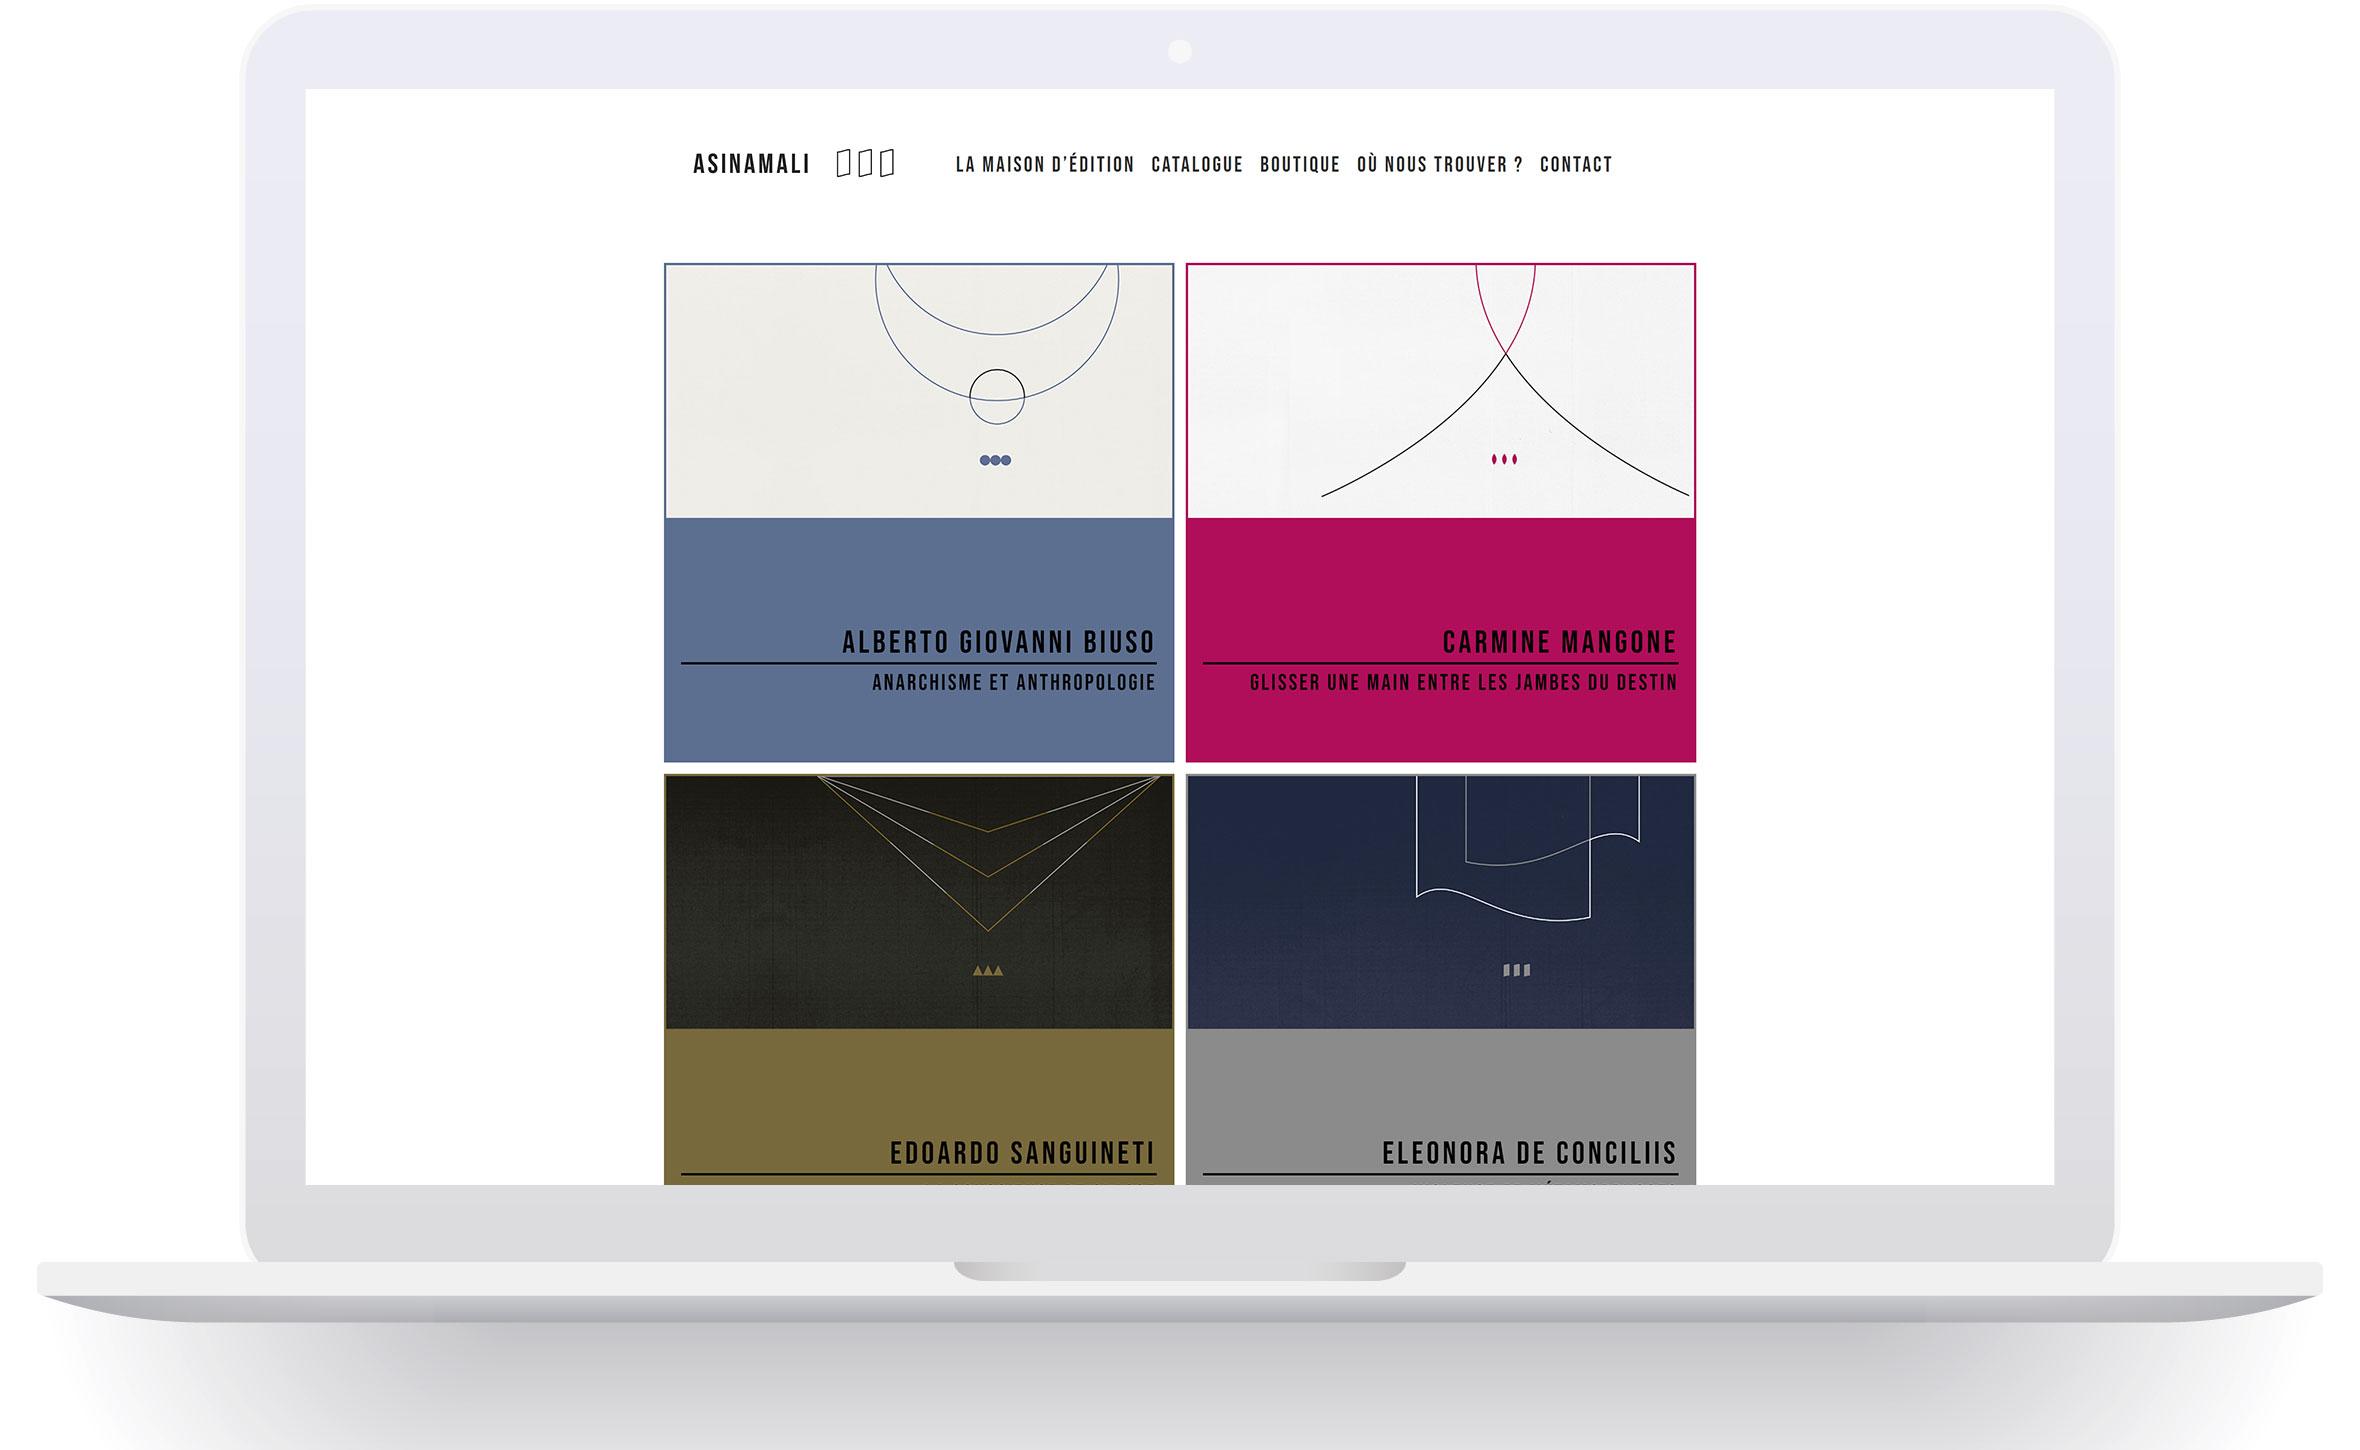 Asinamali è una piccola casa editrice. Il sito web è progettato per assolverne la maggior parte delle funzionalità. Il sito è diviso in catalogo, negozio e pagine per le recensioni dei libri pubblicati.